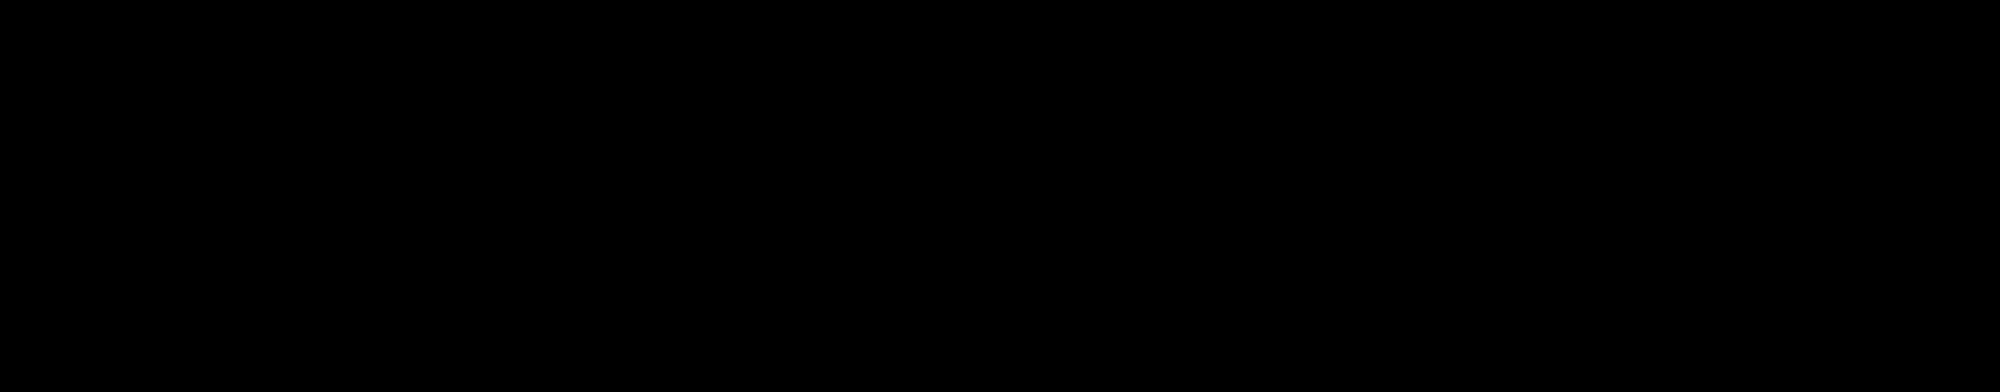 seiko_logo